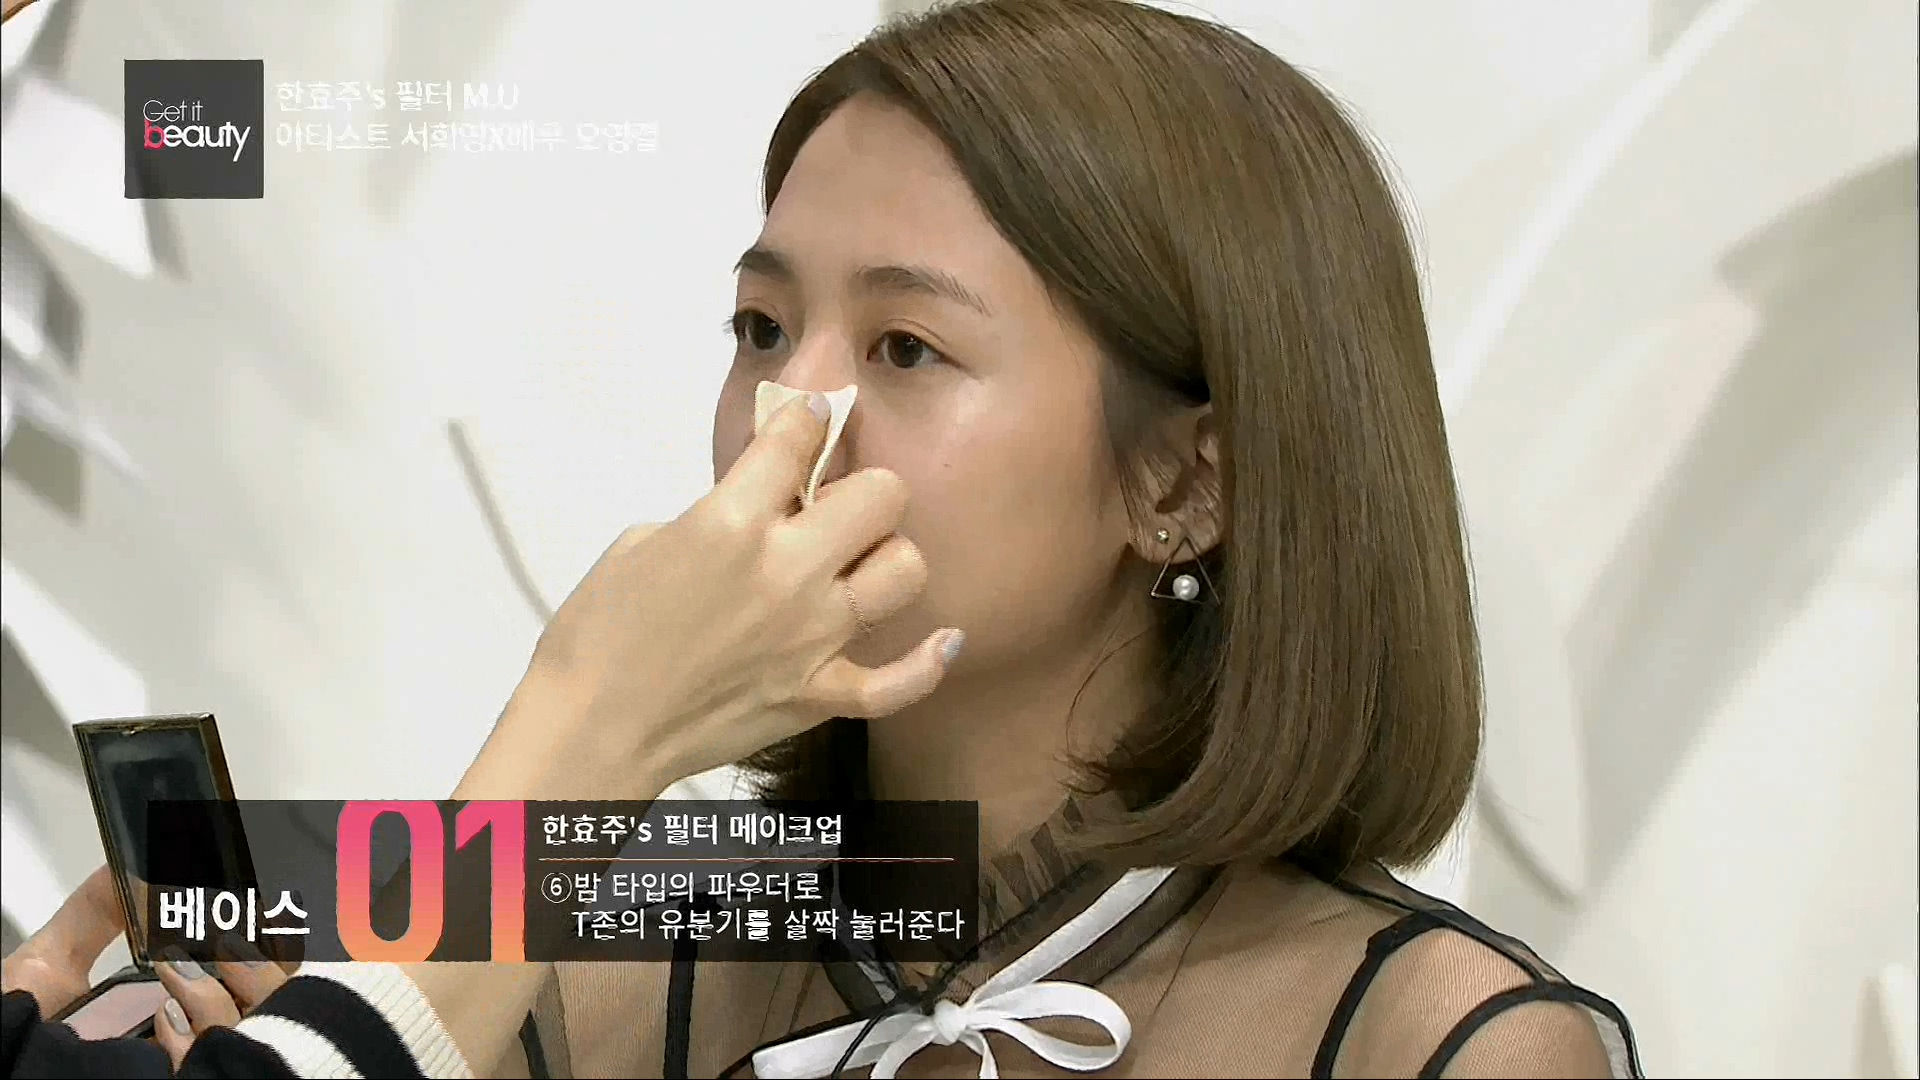 한효주's 필터 메이크업 #베이스 밤 타입의 파우더로 t존의 유분기를 살짝 눌러준다